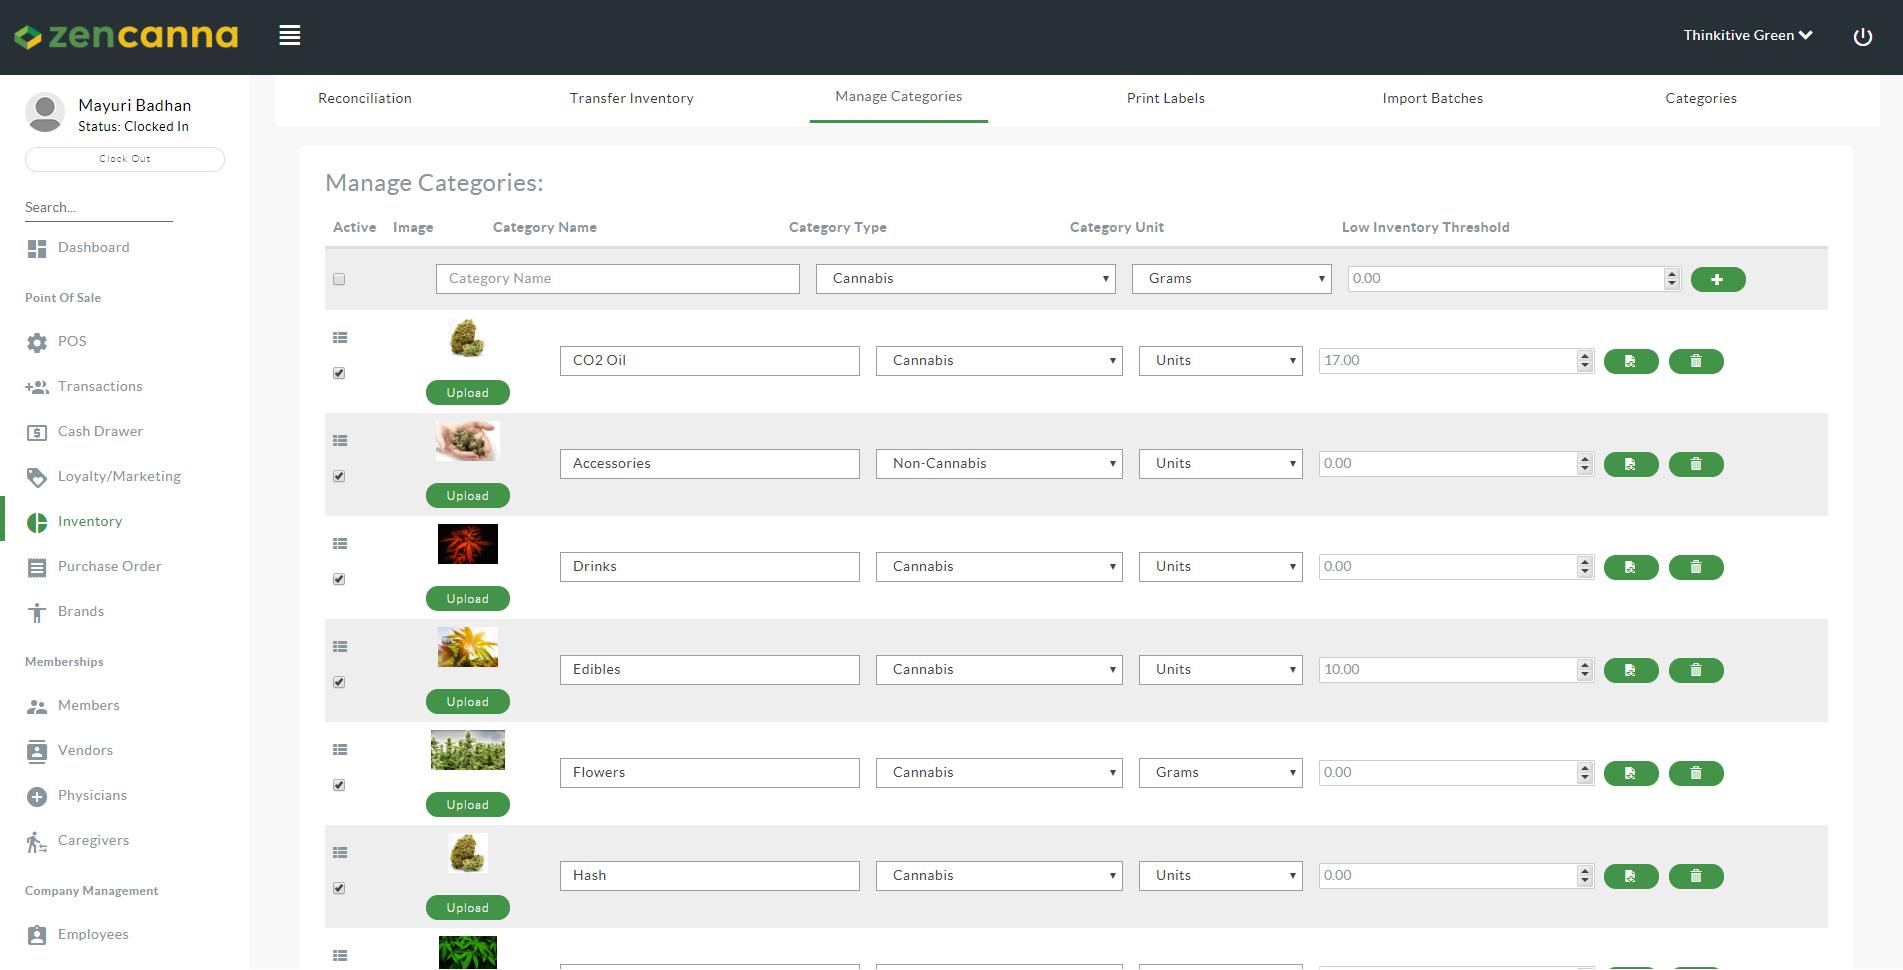 Zencanna inventory management